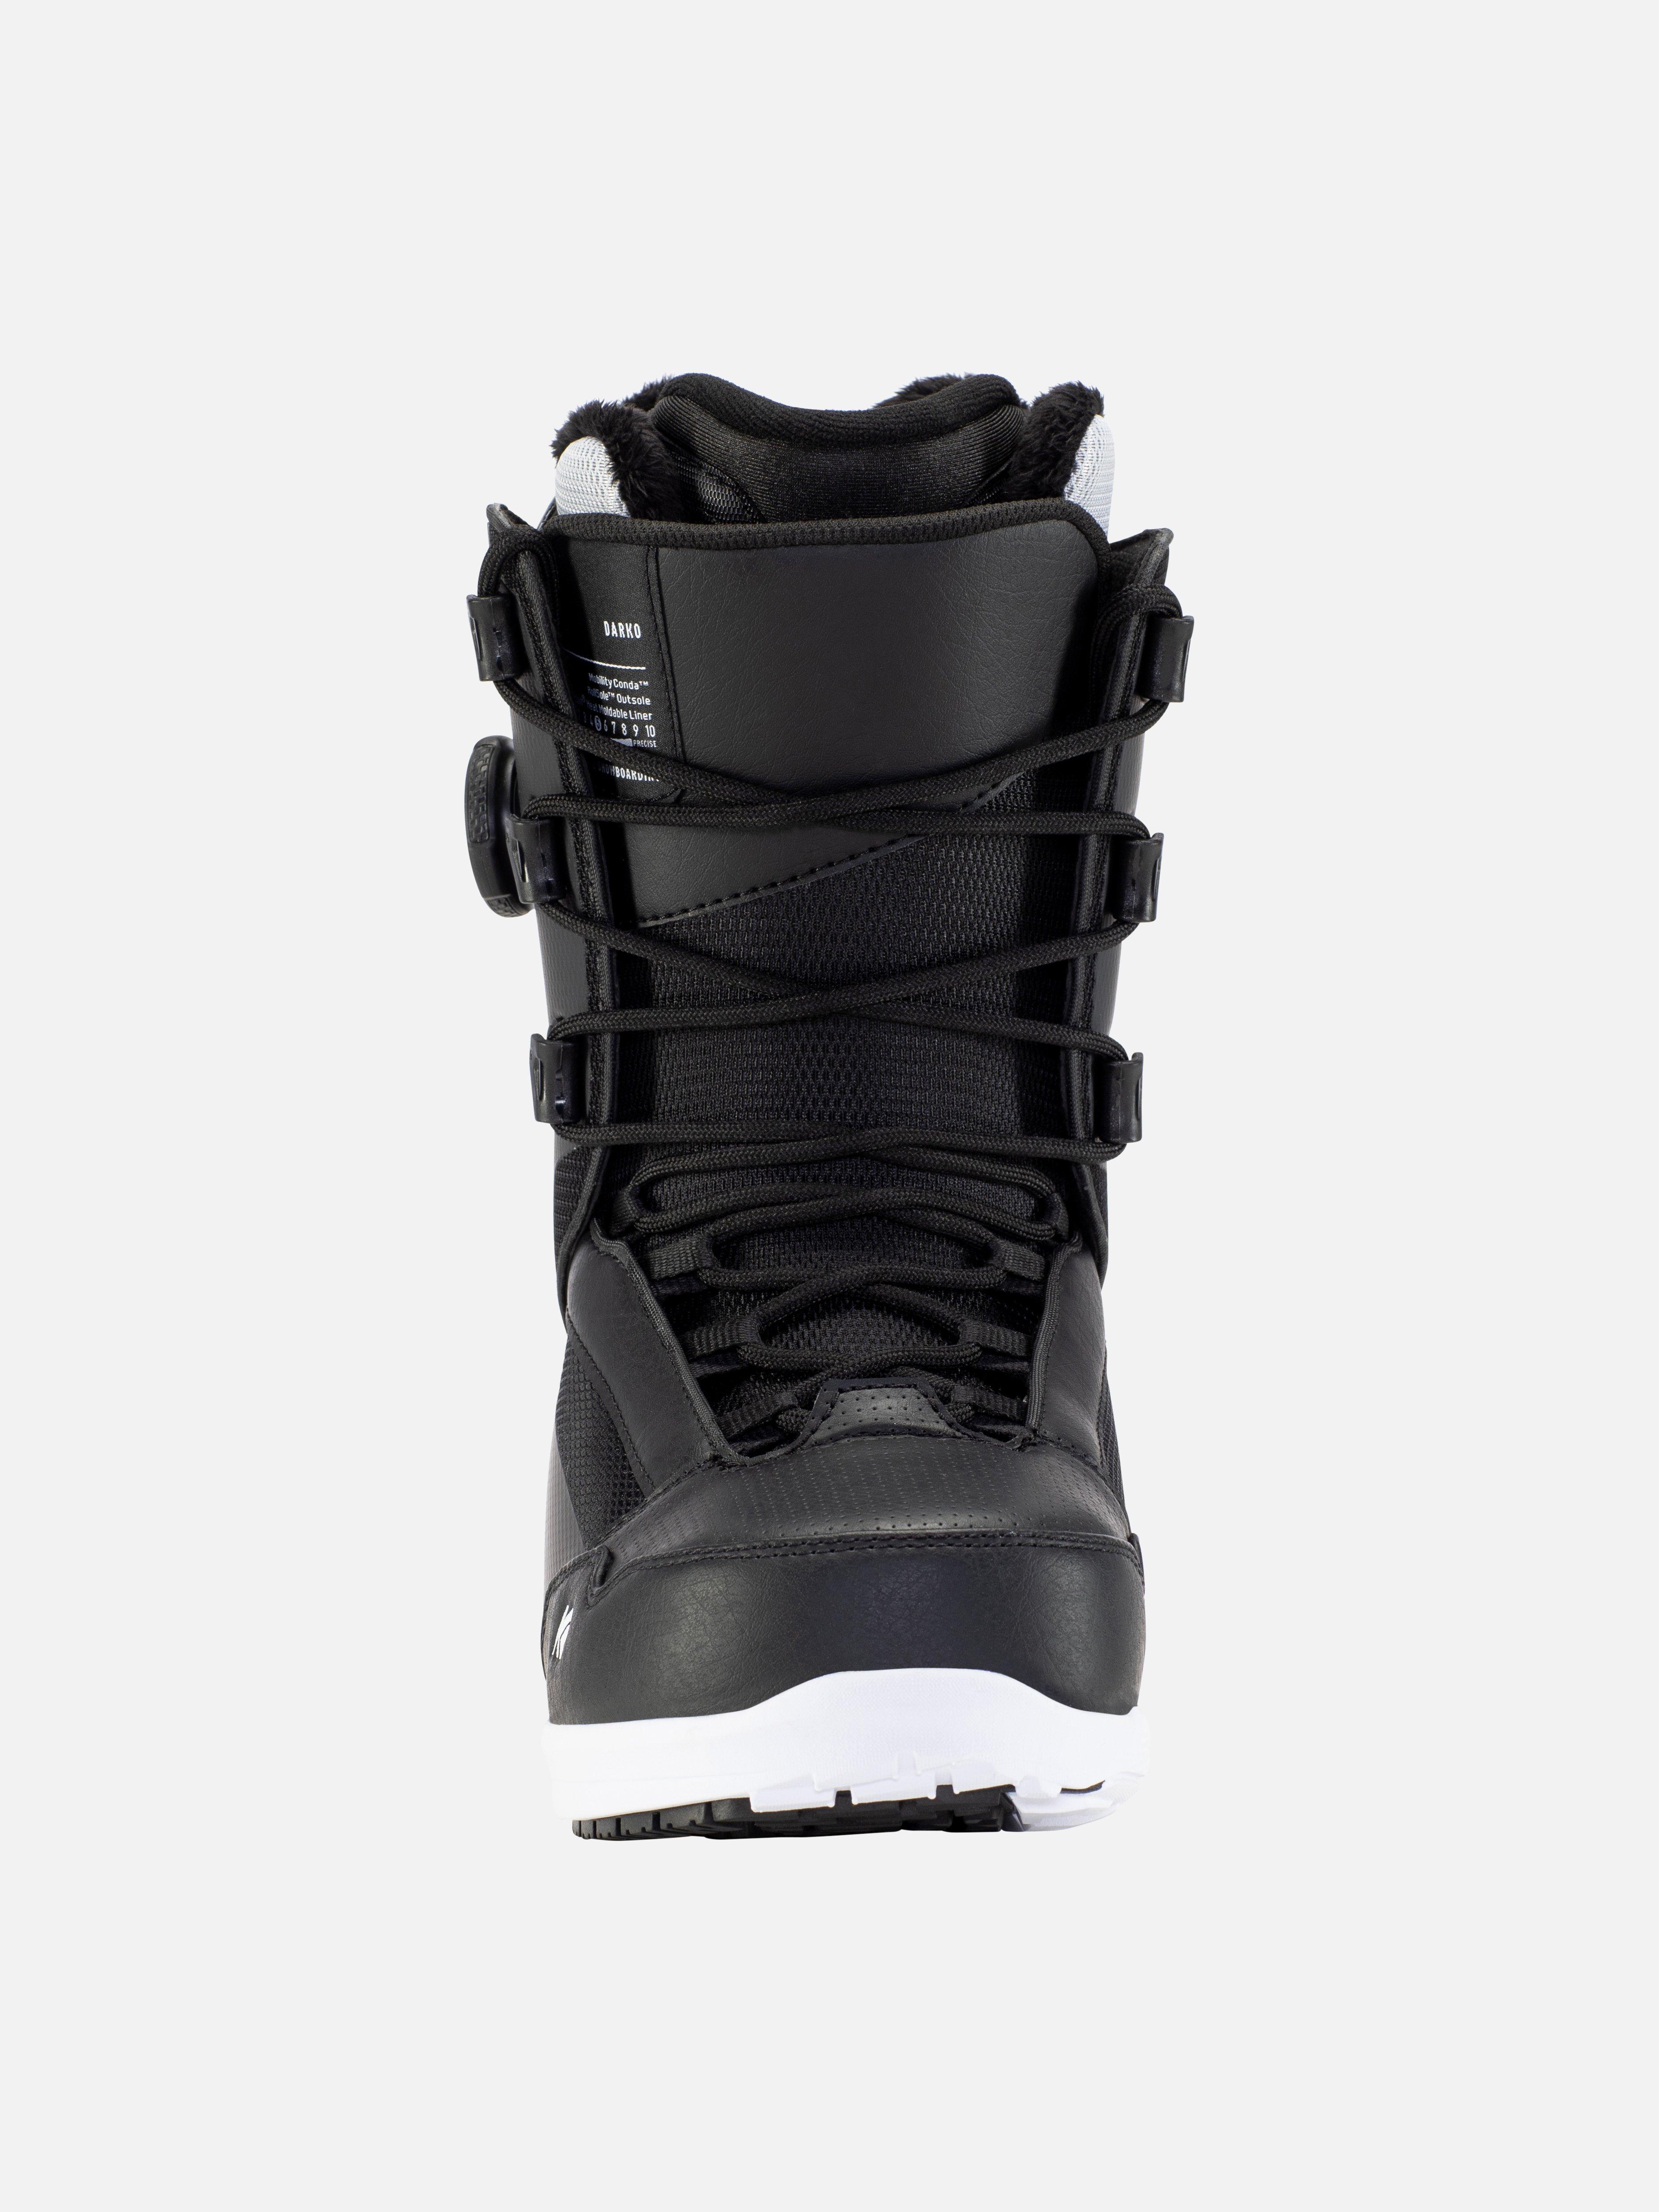 Stiefel Snowboard Boot K2 Darko Conda Grey 2018